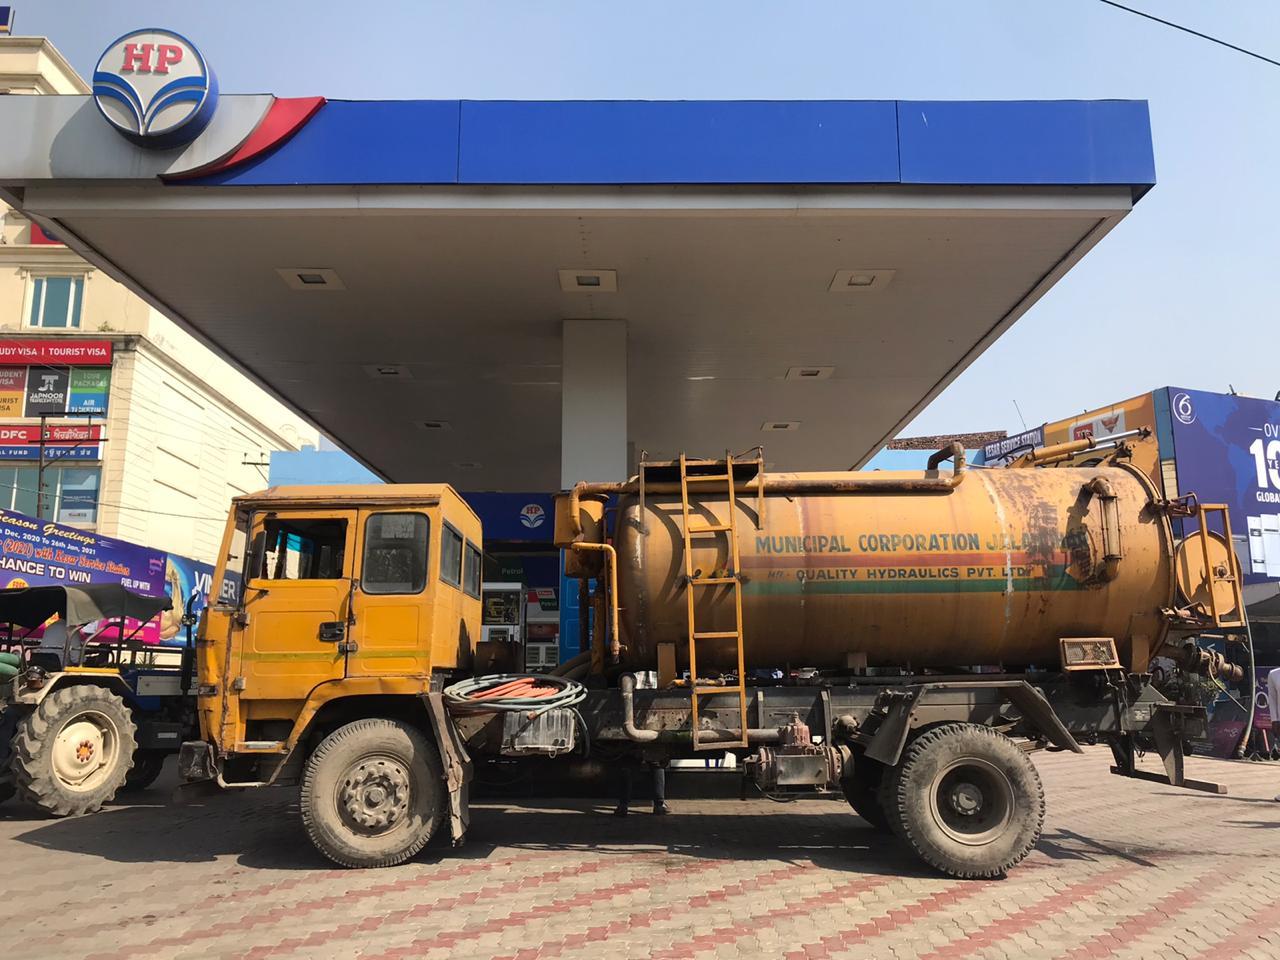 दिन में टूटी 600 करोड़ी बजट वाले निगम अफसरों की नींद, प्राइवेट पेट्रोल पंप से तेल डलवाकर शुरू कराई कूड़ा लिफ्टिंग|जालंधर,Jalandhar - Dainik Bhaskar